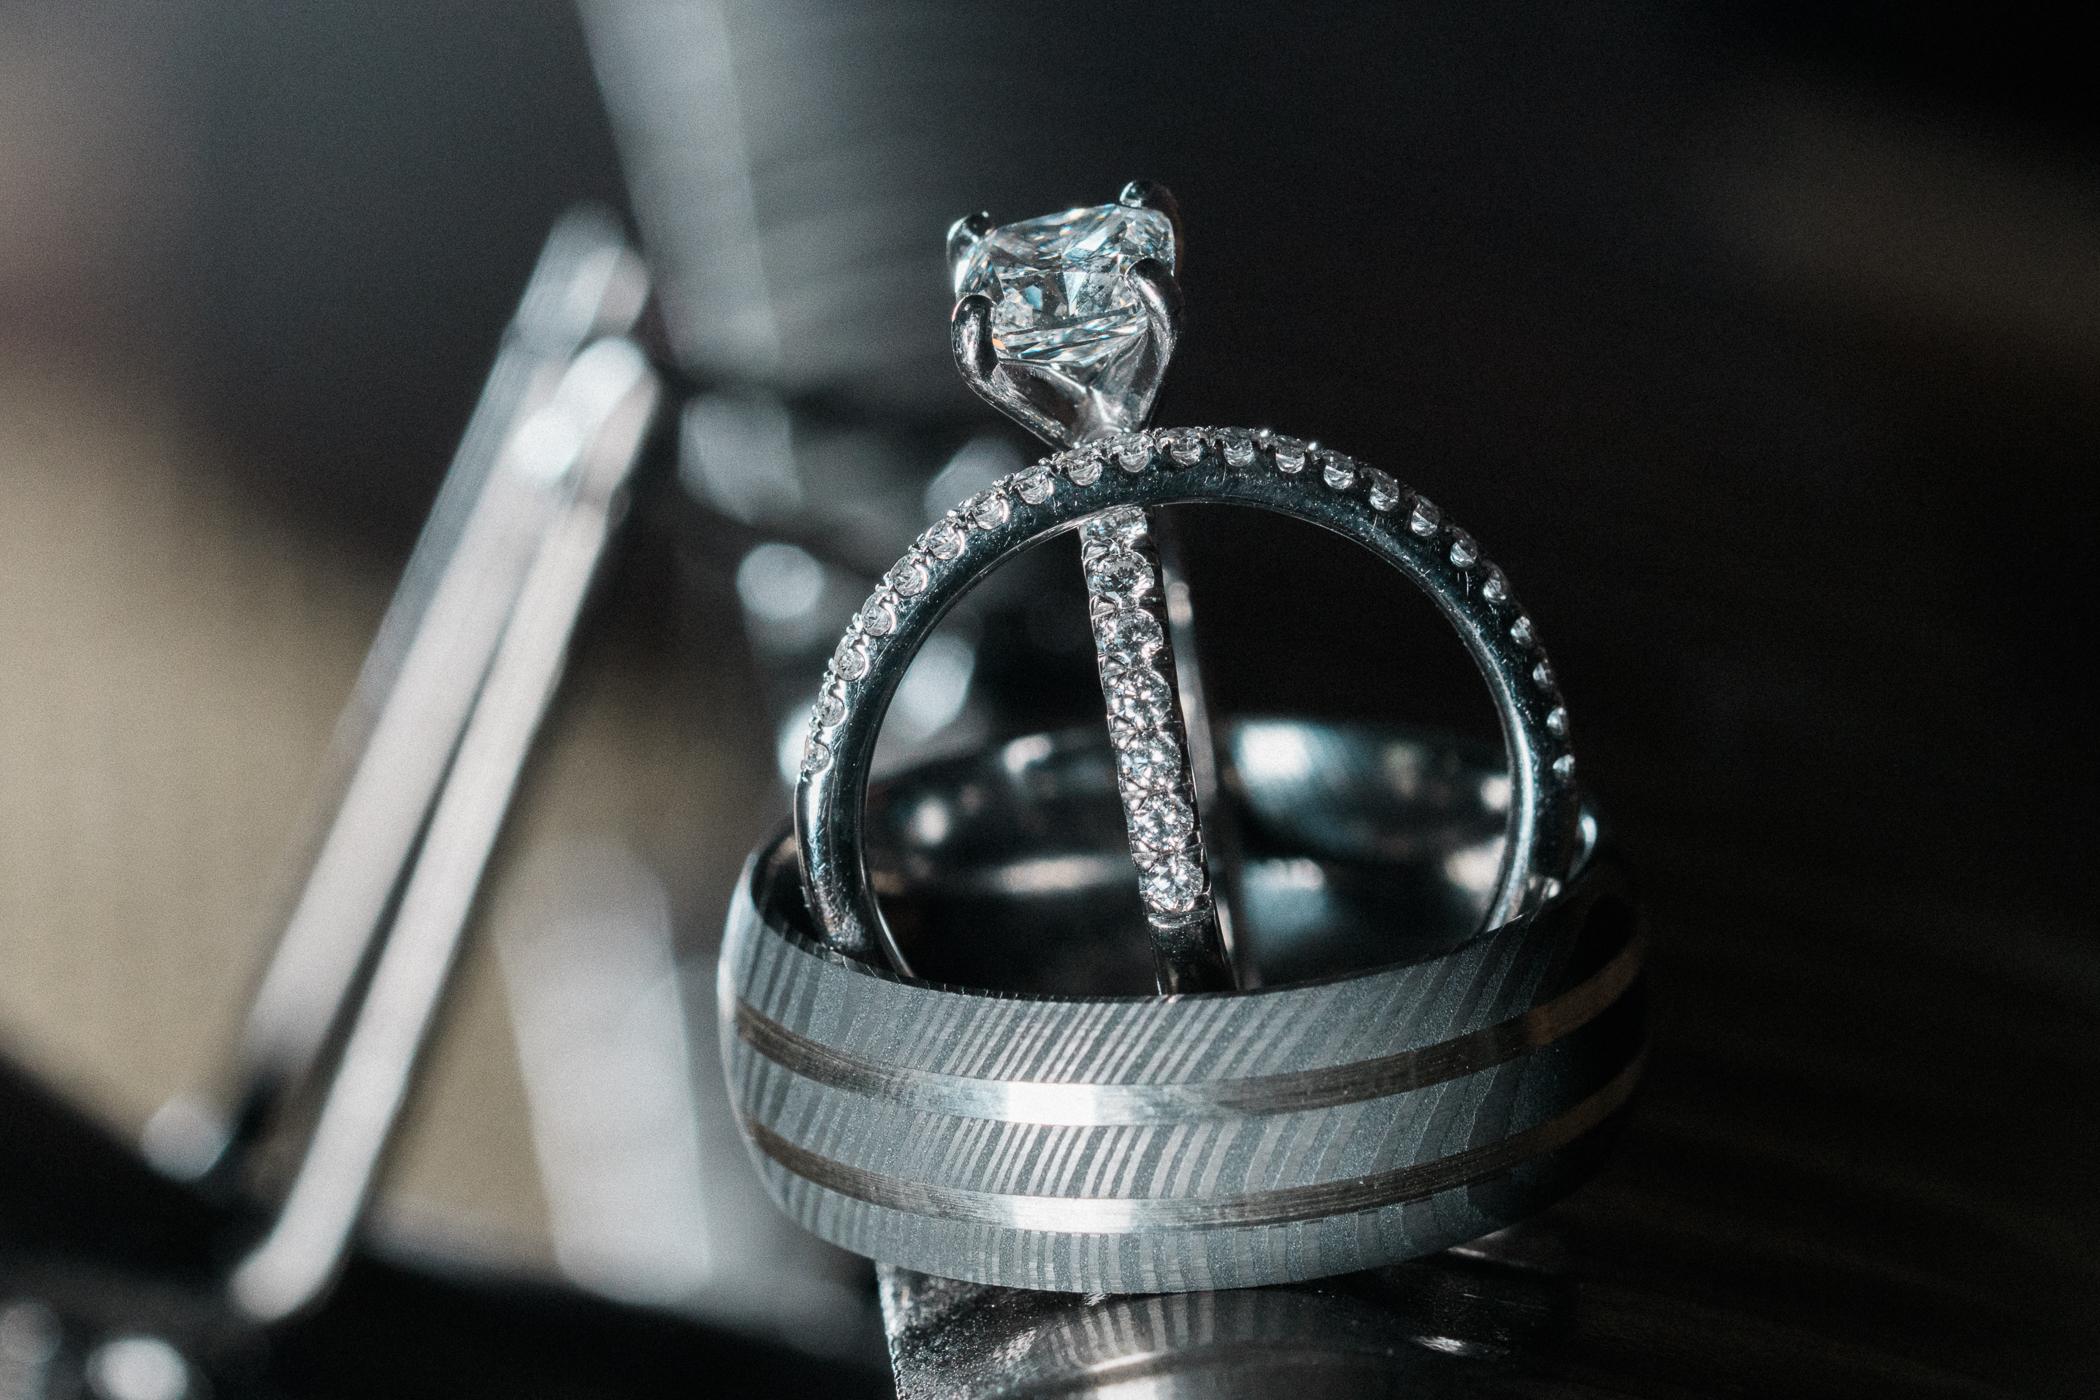 san-antonio-wedding-photographer-rings.jpg